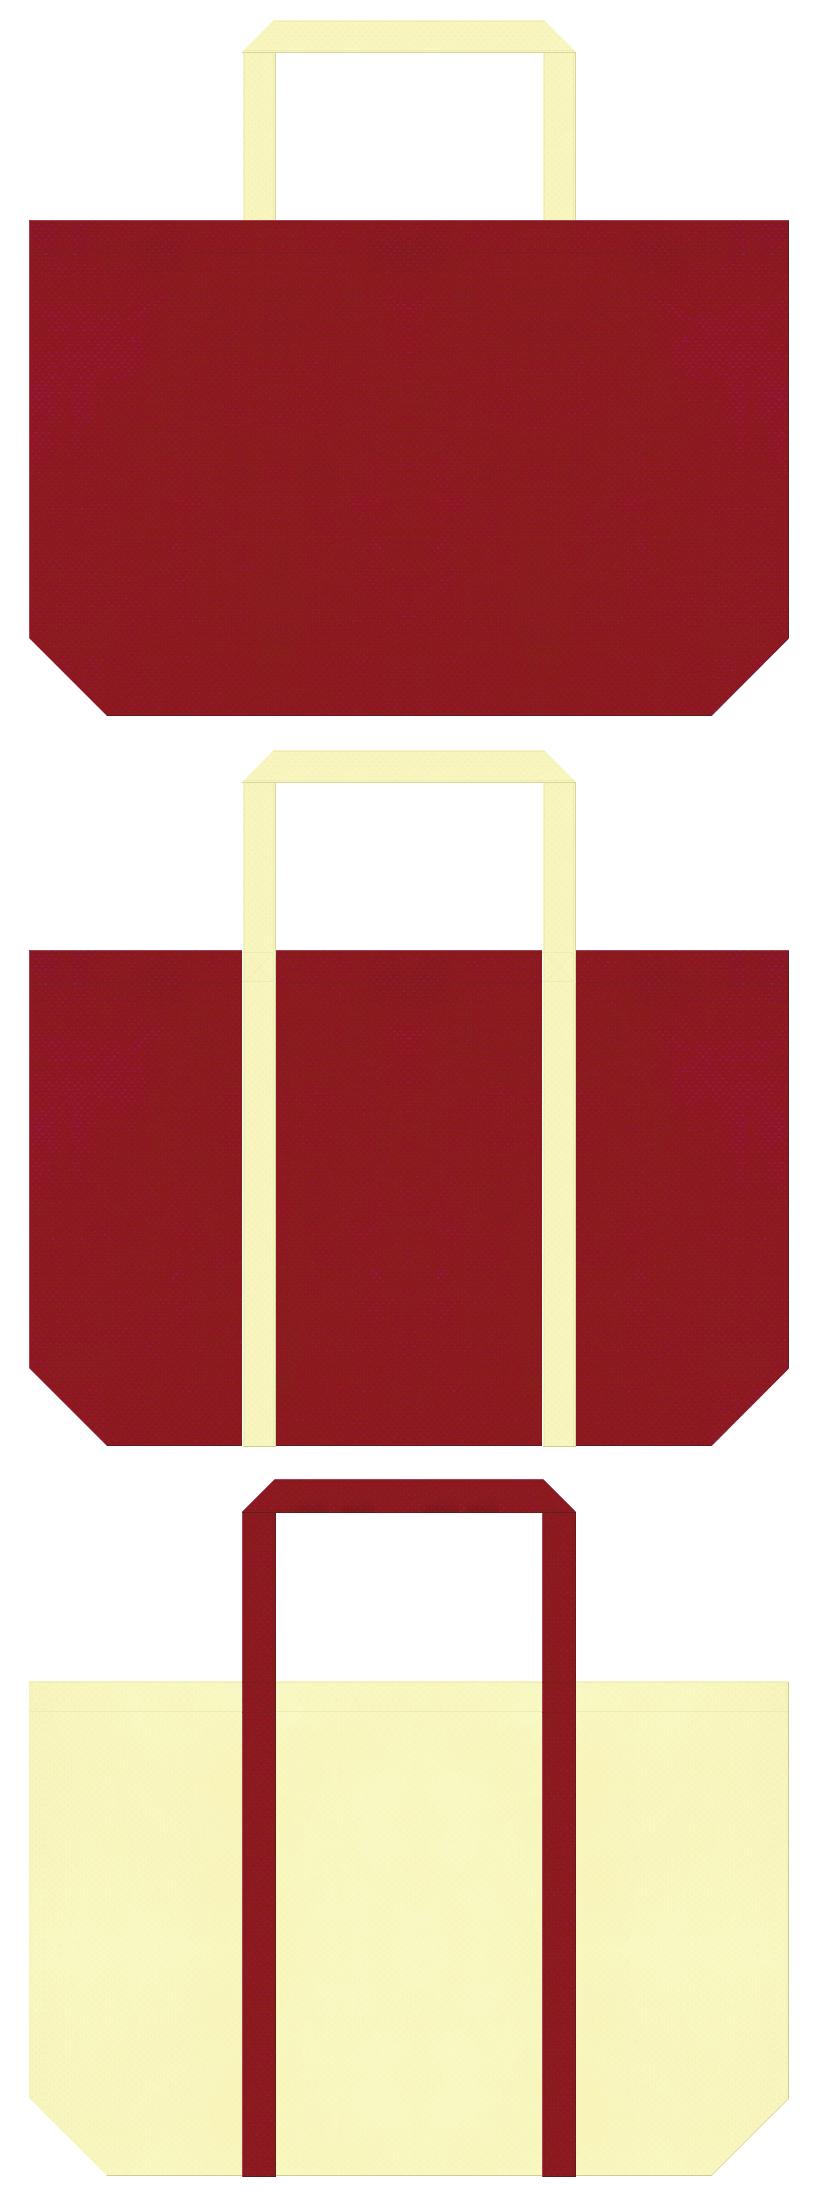 絵本・むかし話・お月見・ひな祭りのショッピングバッグにお奨め:エンジ色と薄黄色の不織布ショッピングバッグのデザイン